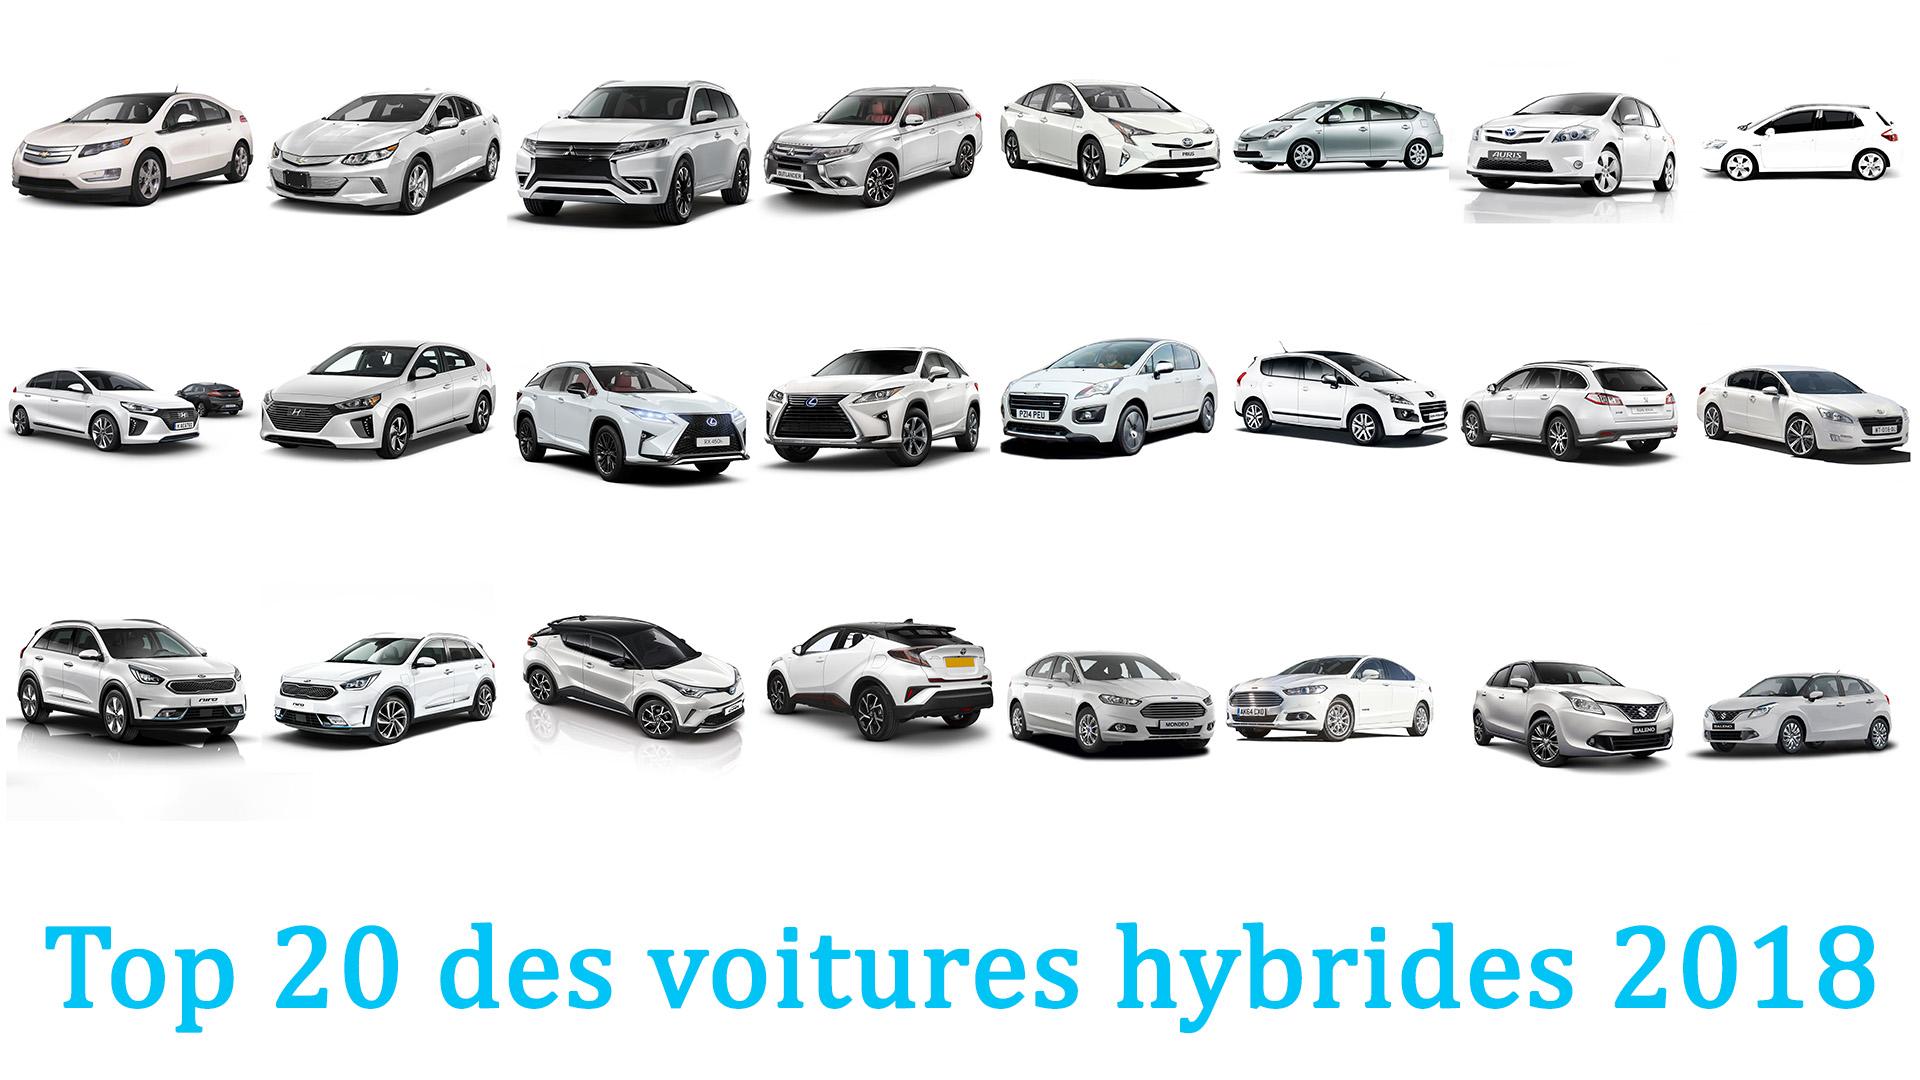 top 20 des voitures hybrides 2018. Black Bedroom Furniture Sets. Home Design Ideas